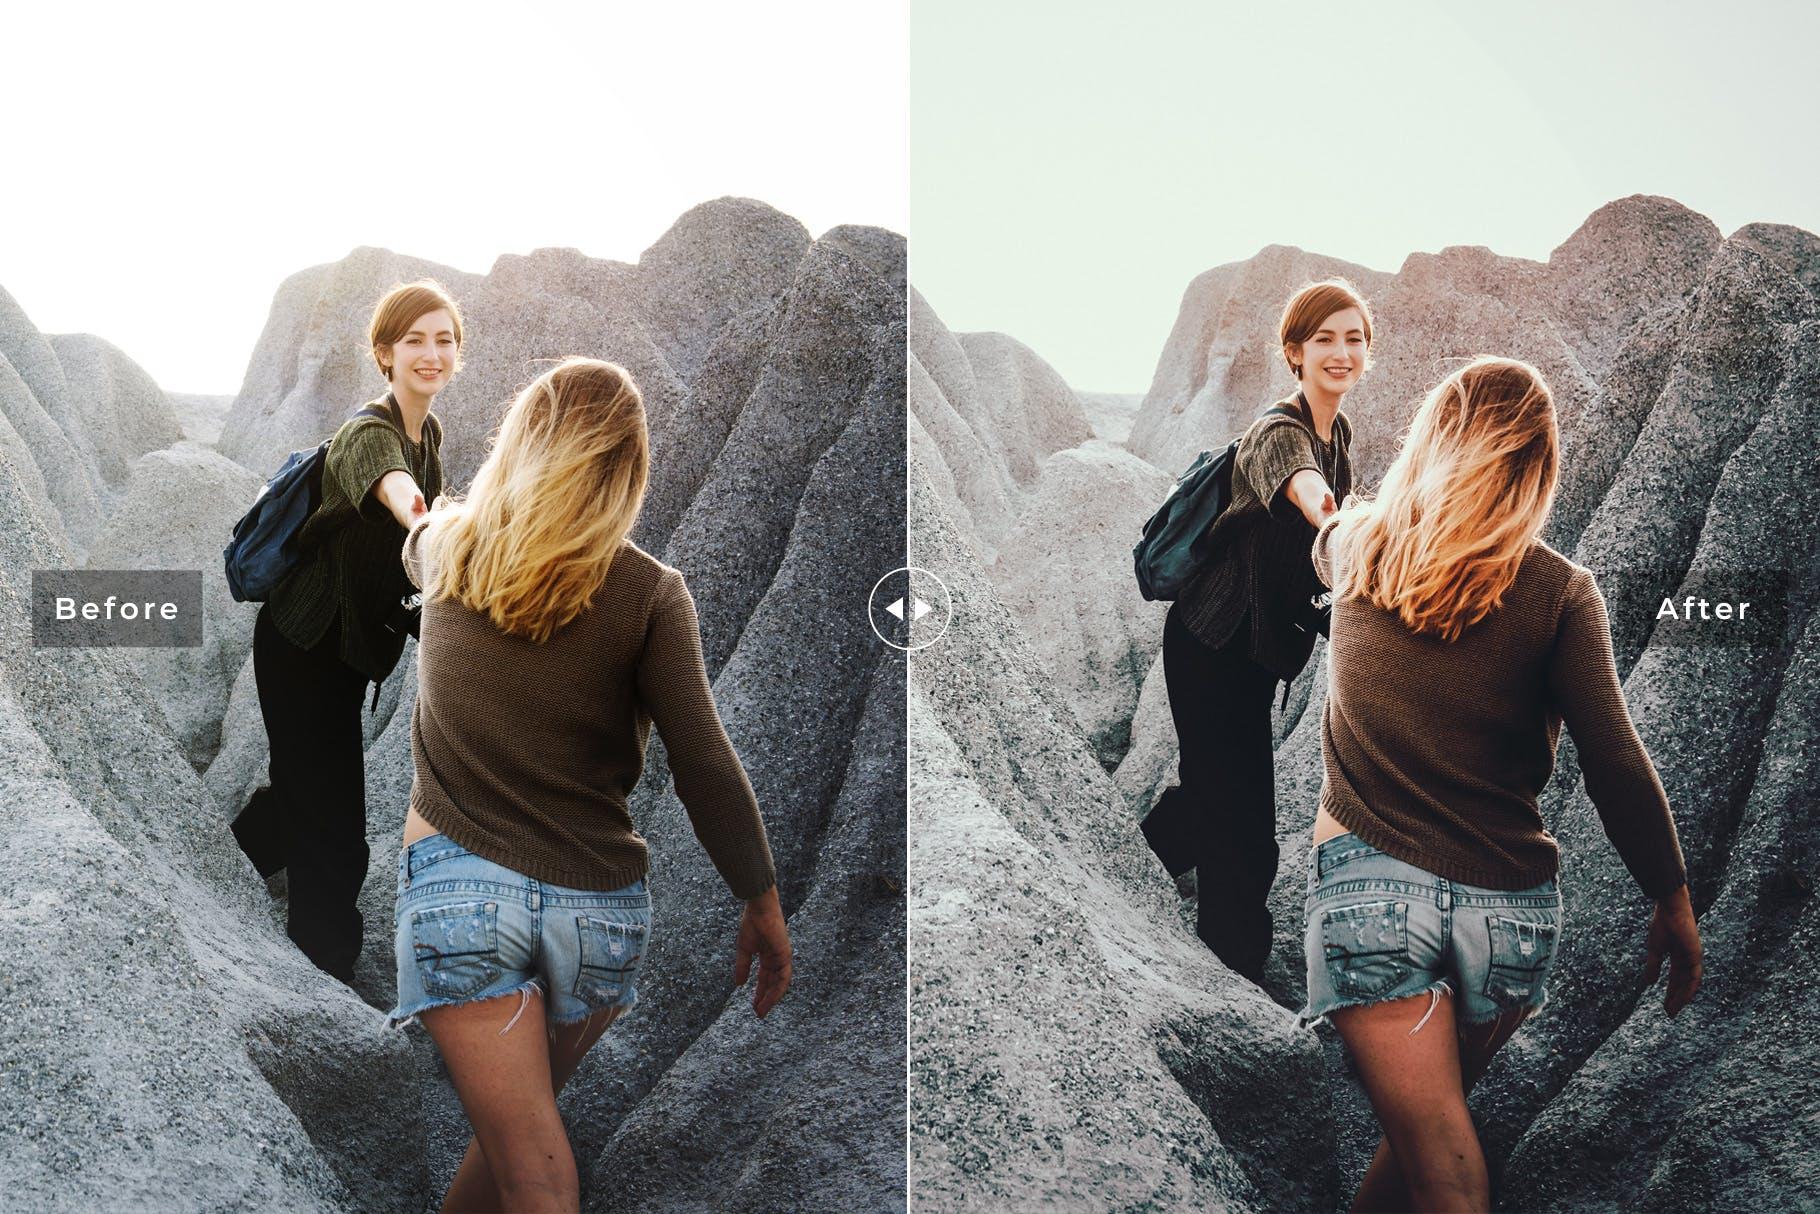 旅行风景滤镜lightroom人像预设lightroom预设下载设计素材模板